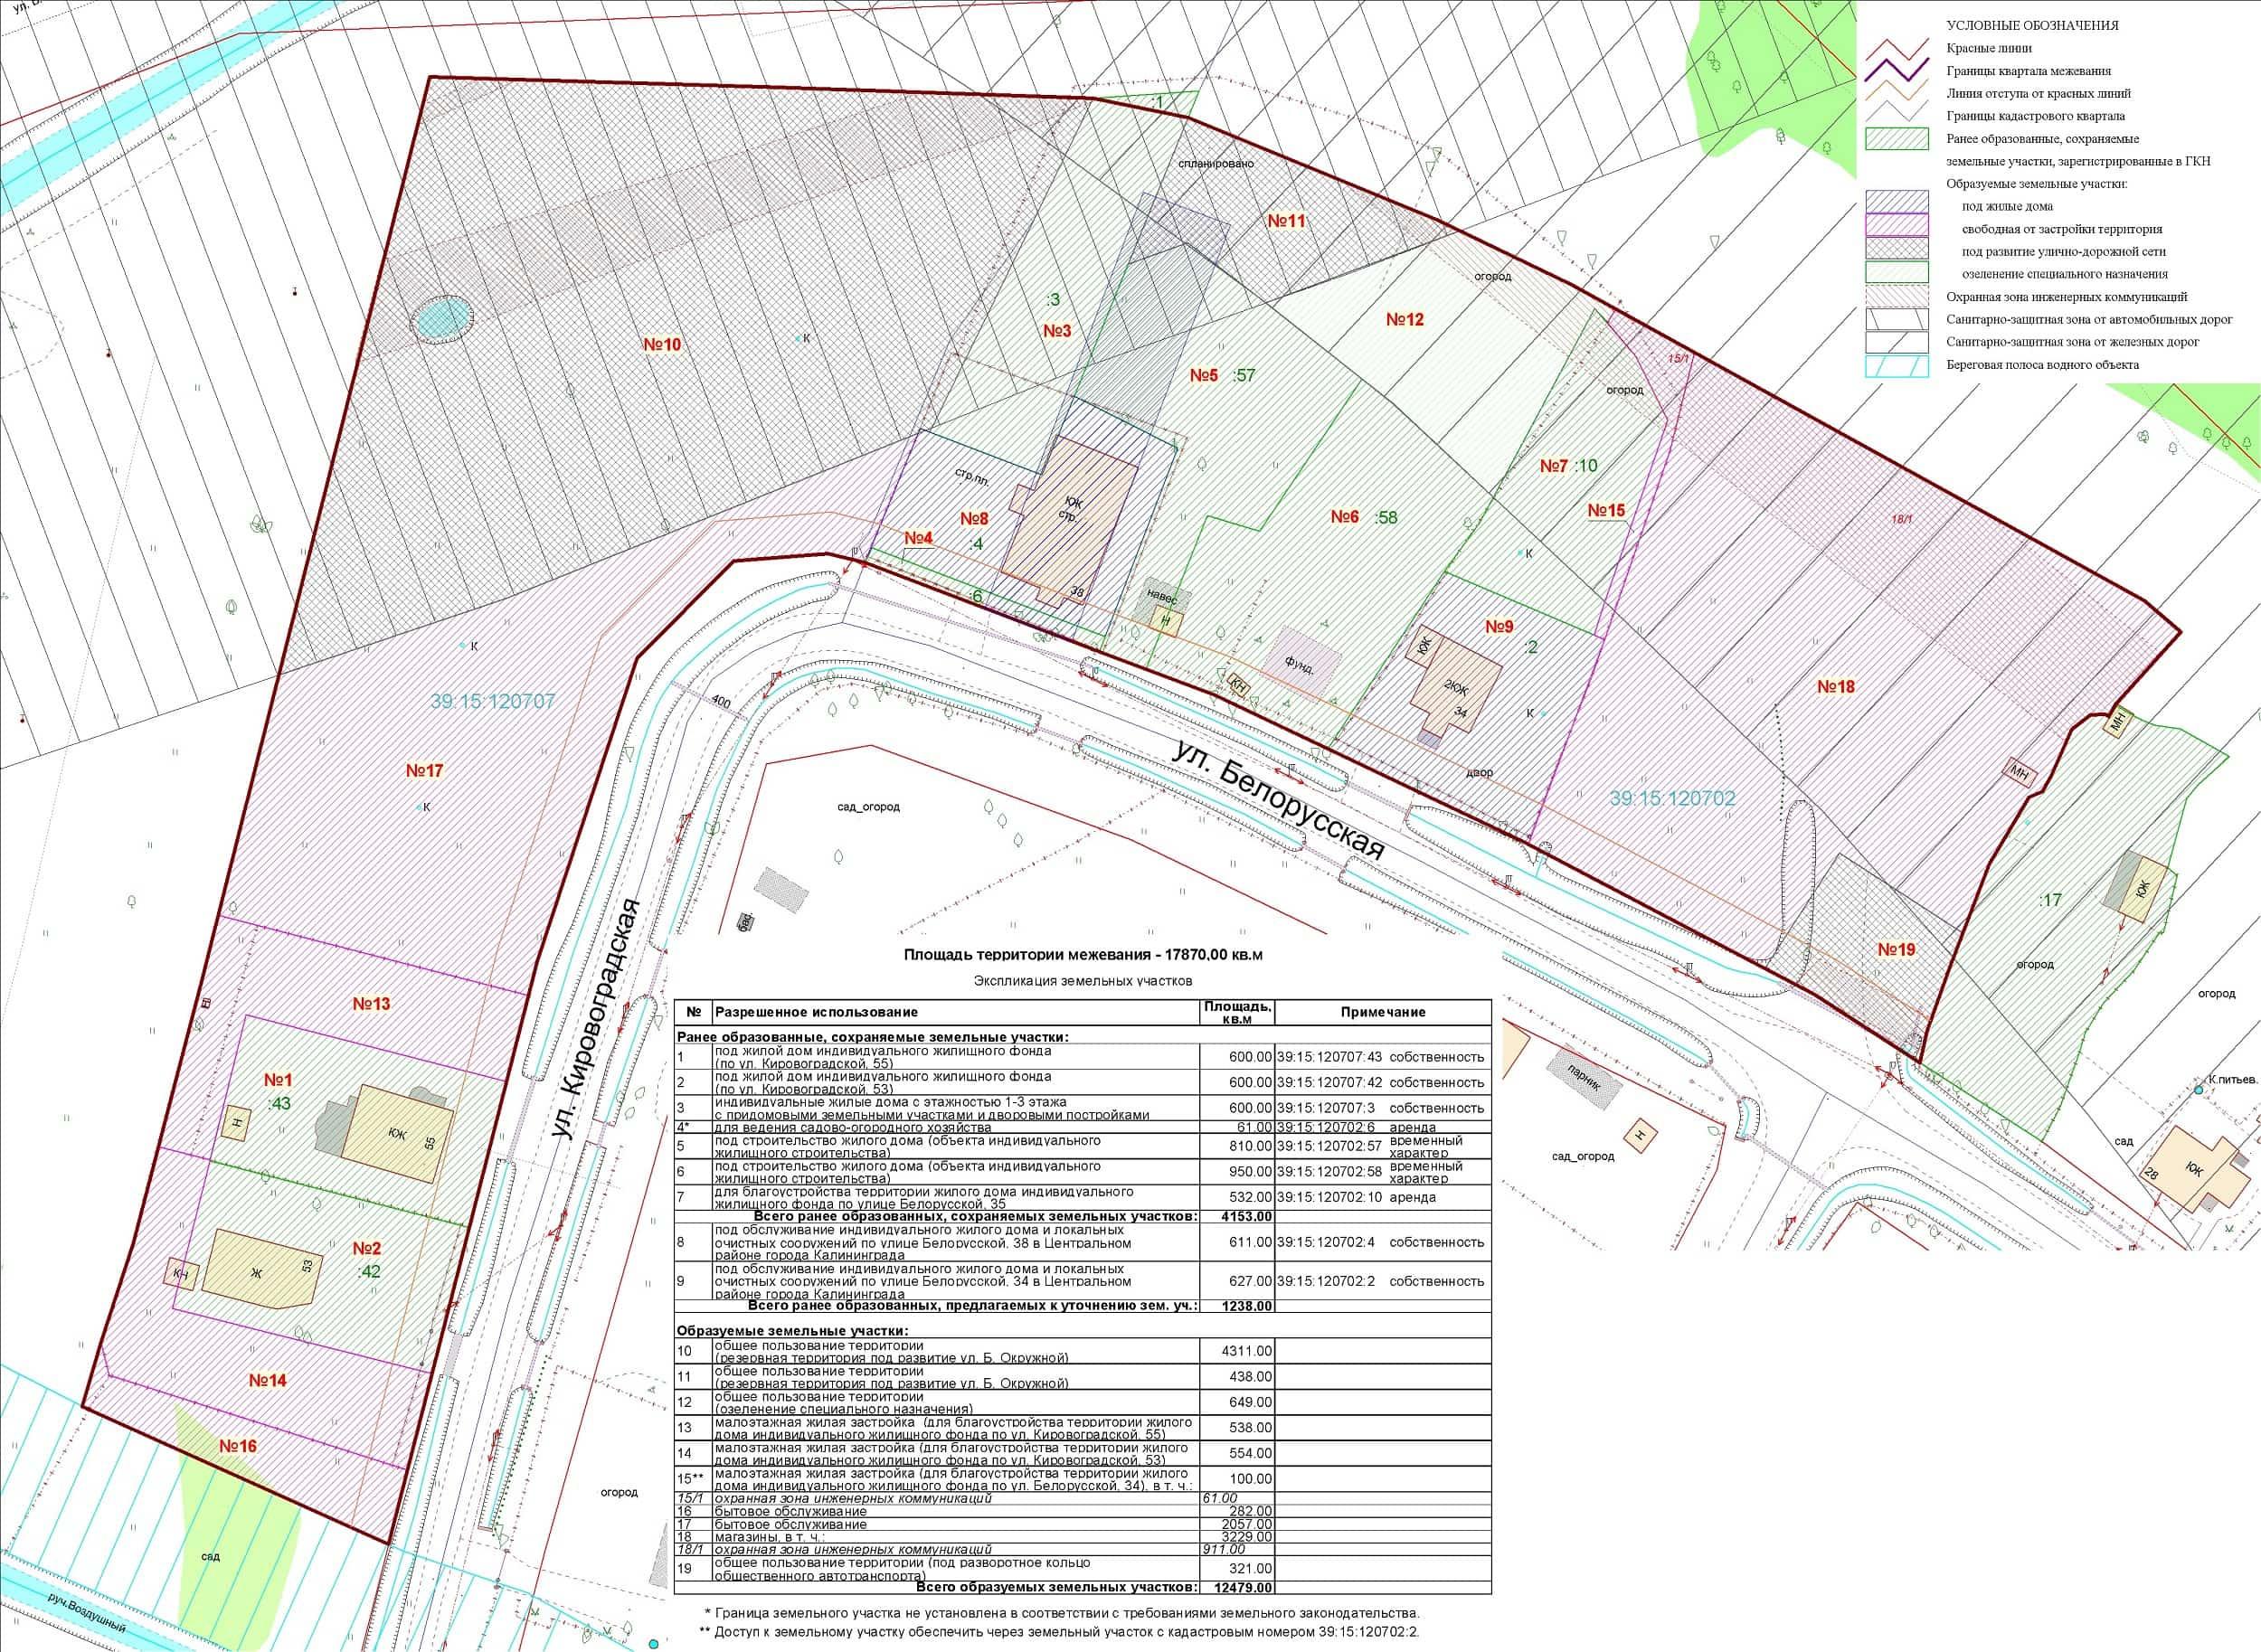 Что такое выкопировка земельного участка и как ее получить